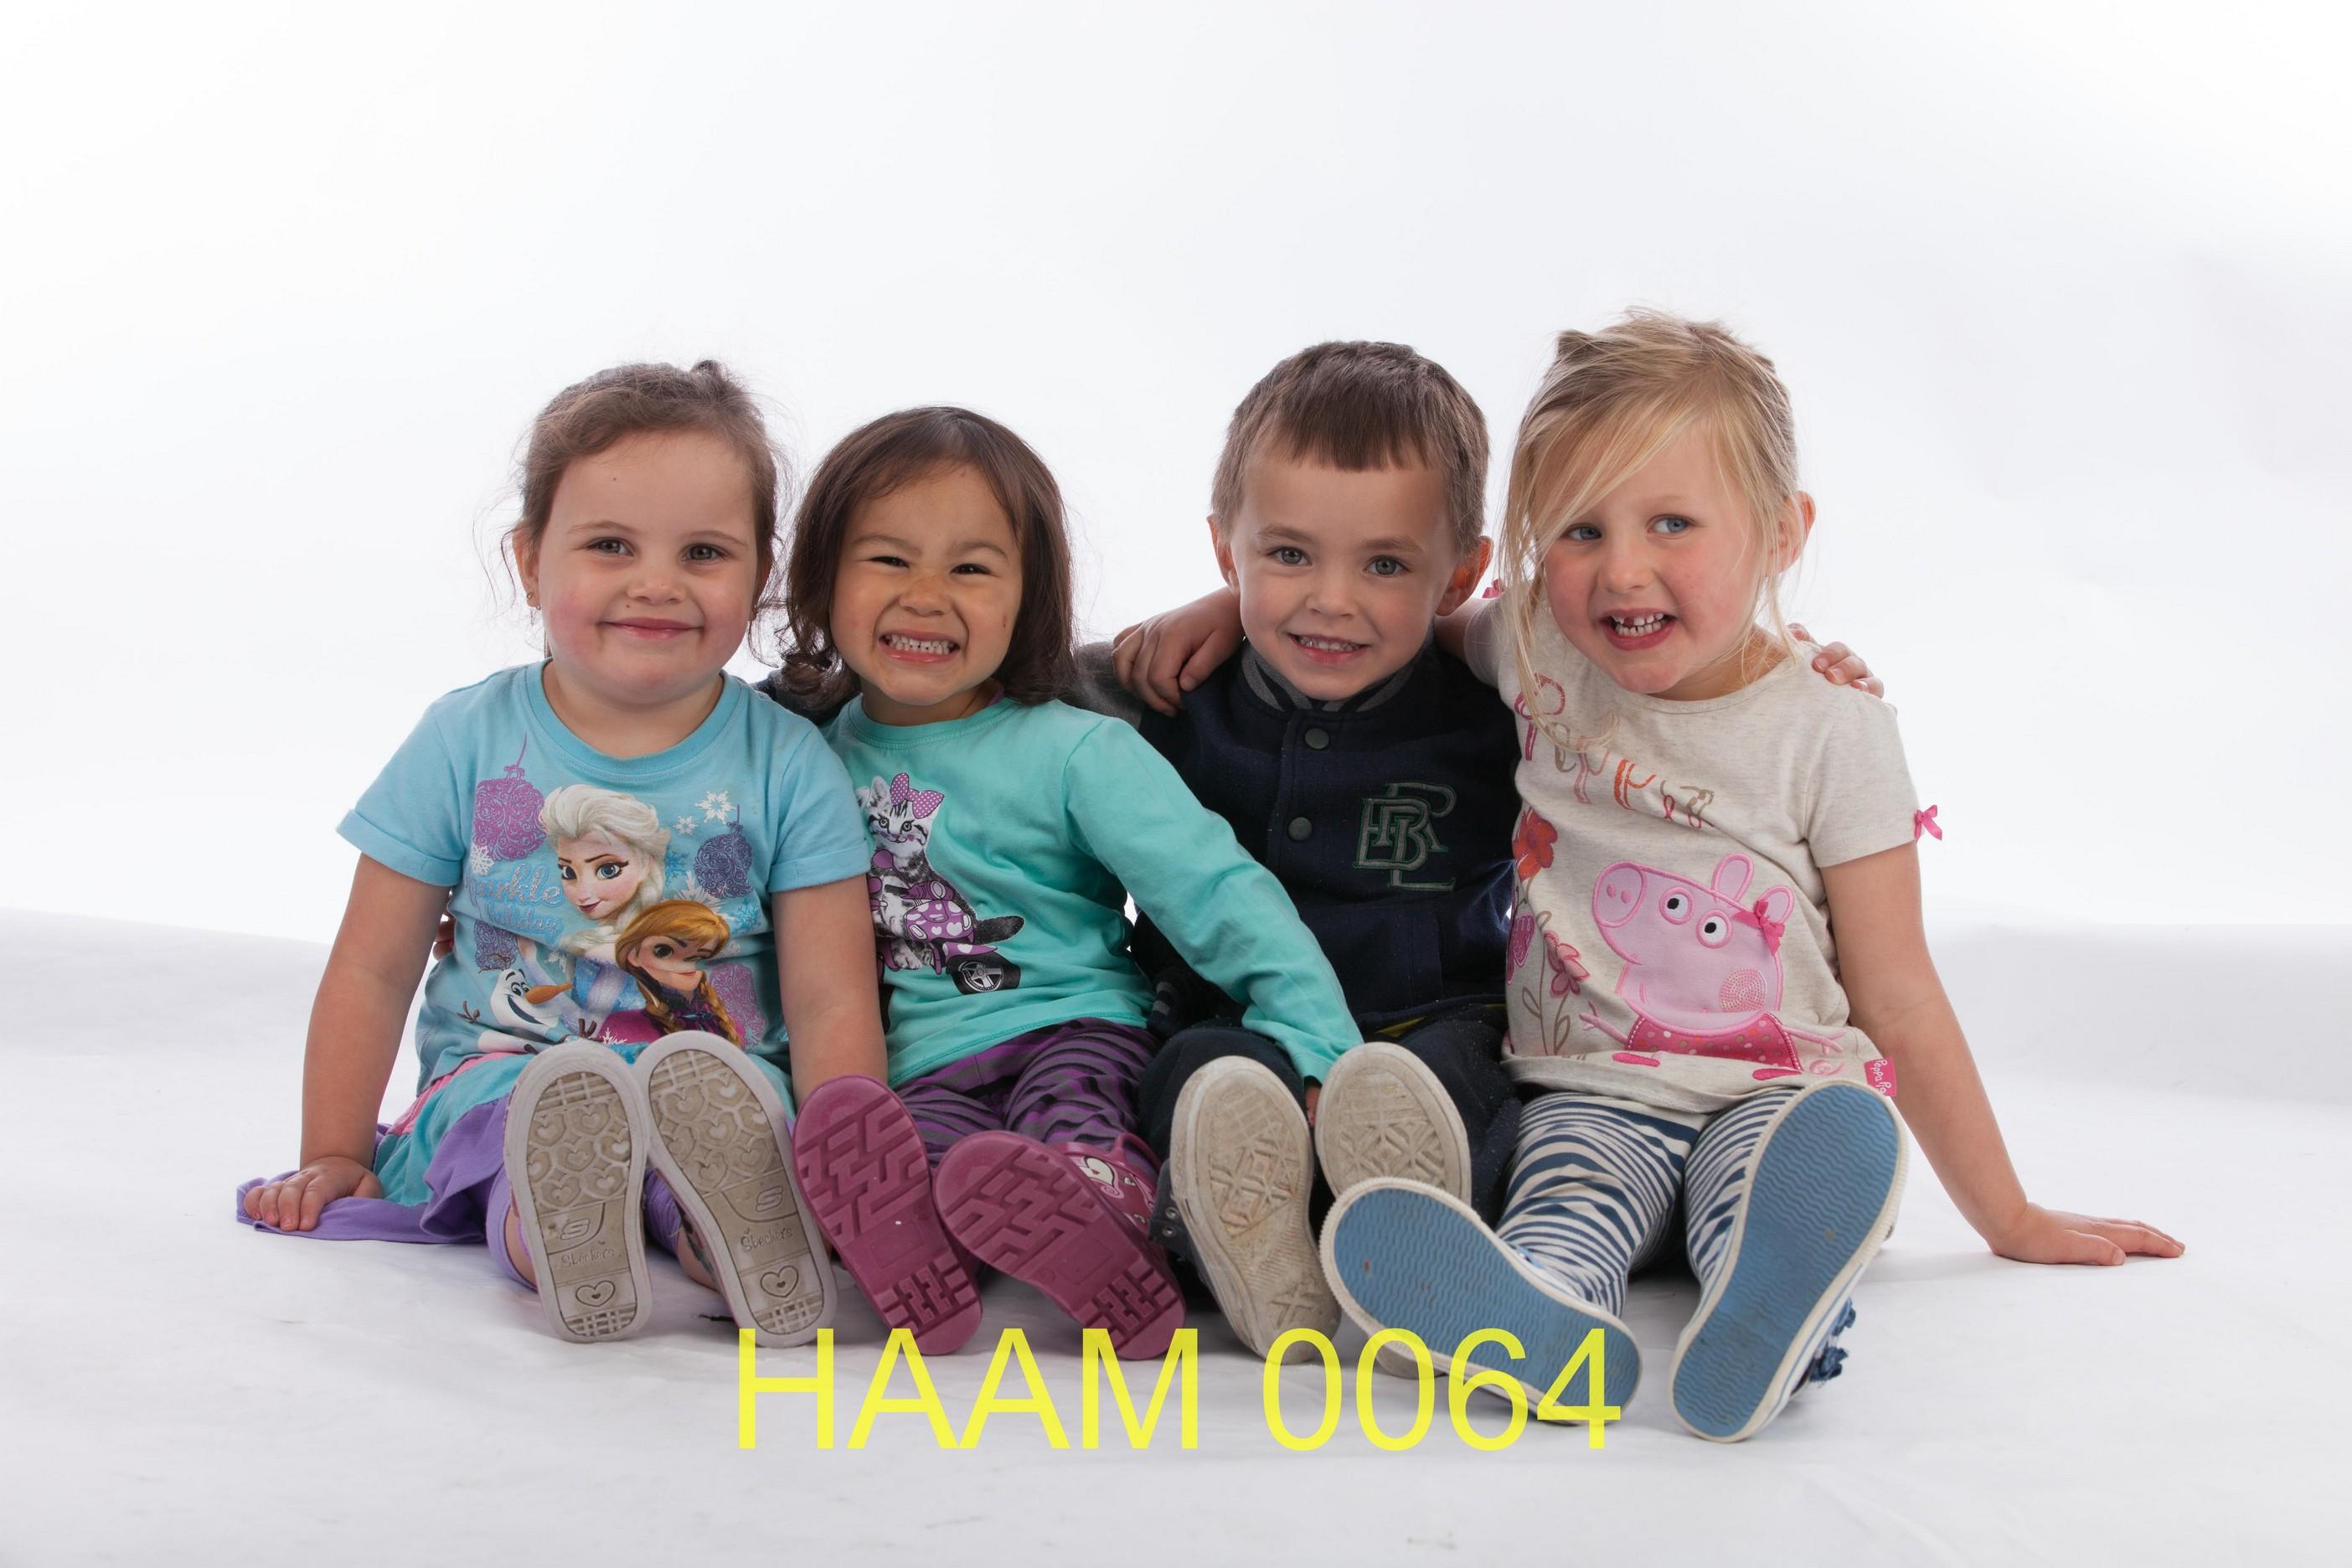 HAAM 0064